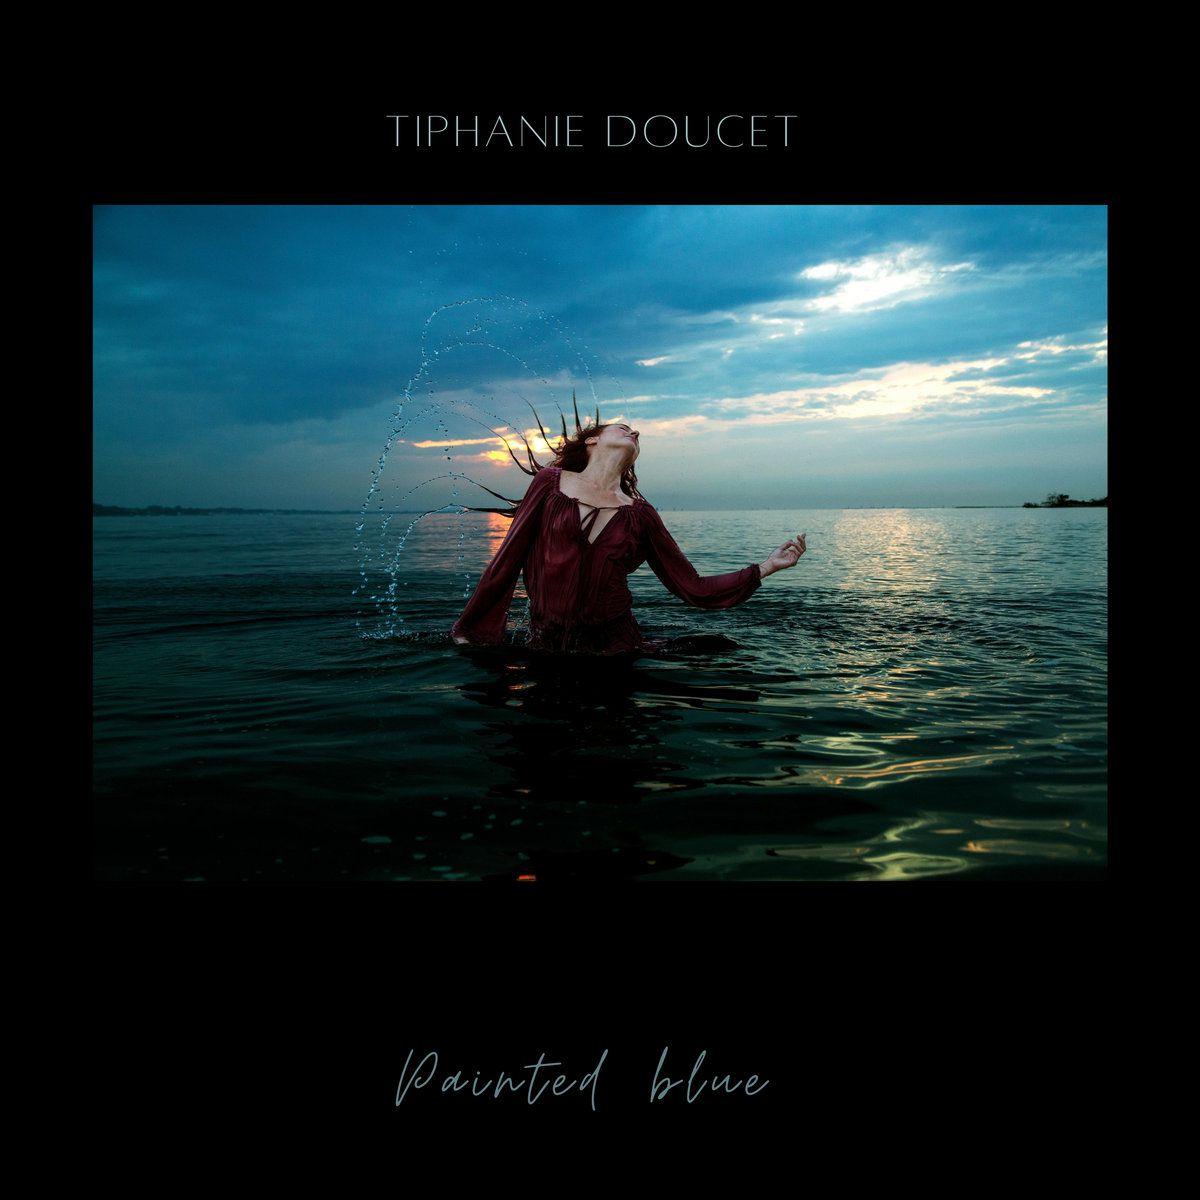 Nous avons écouté le nouvel EP de Tiphanie Doucet !